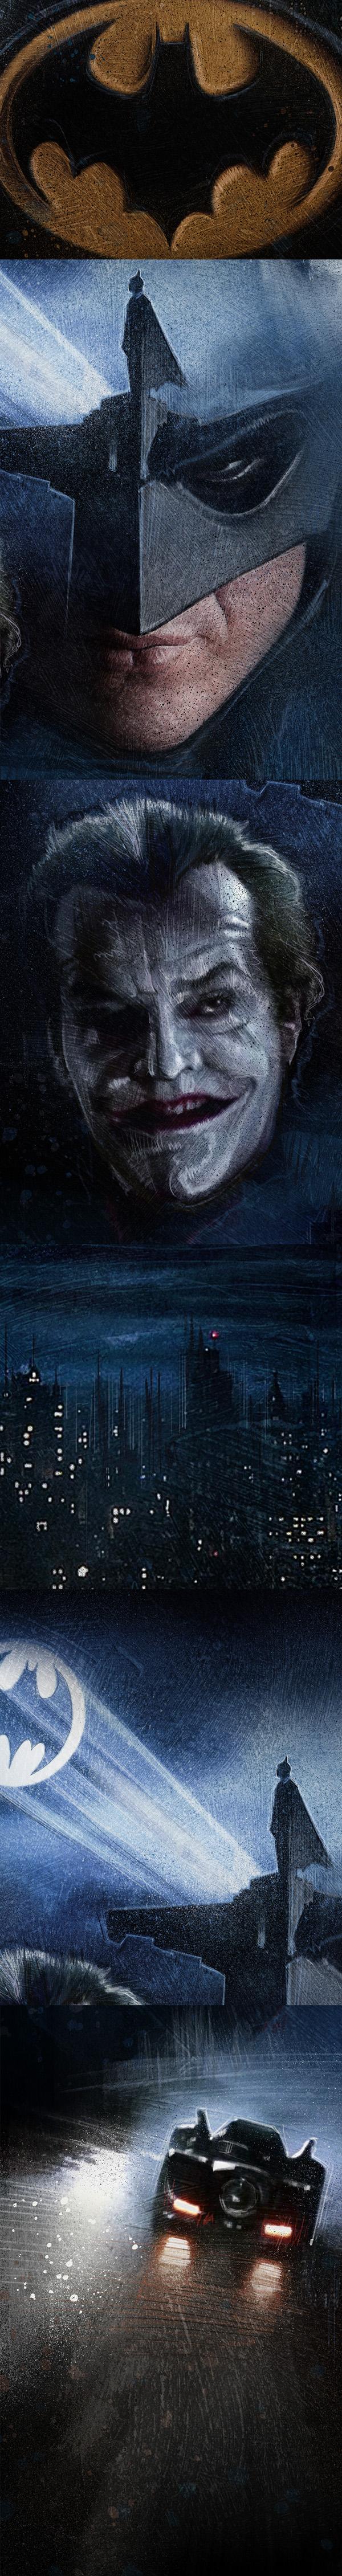 Batman-1989-Poster-2